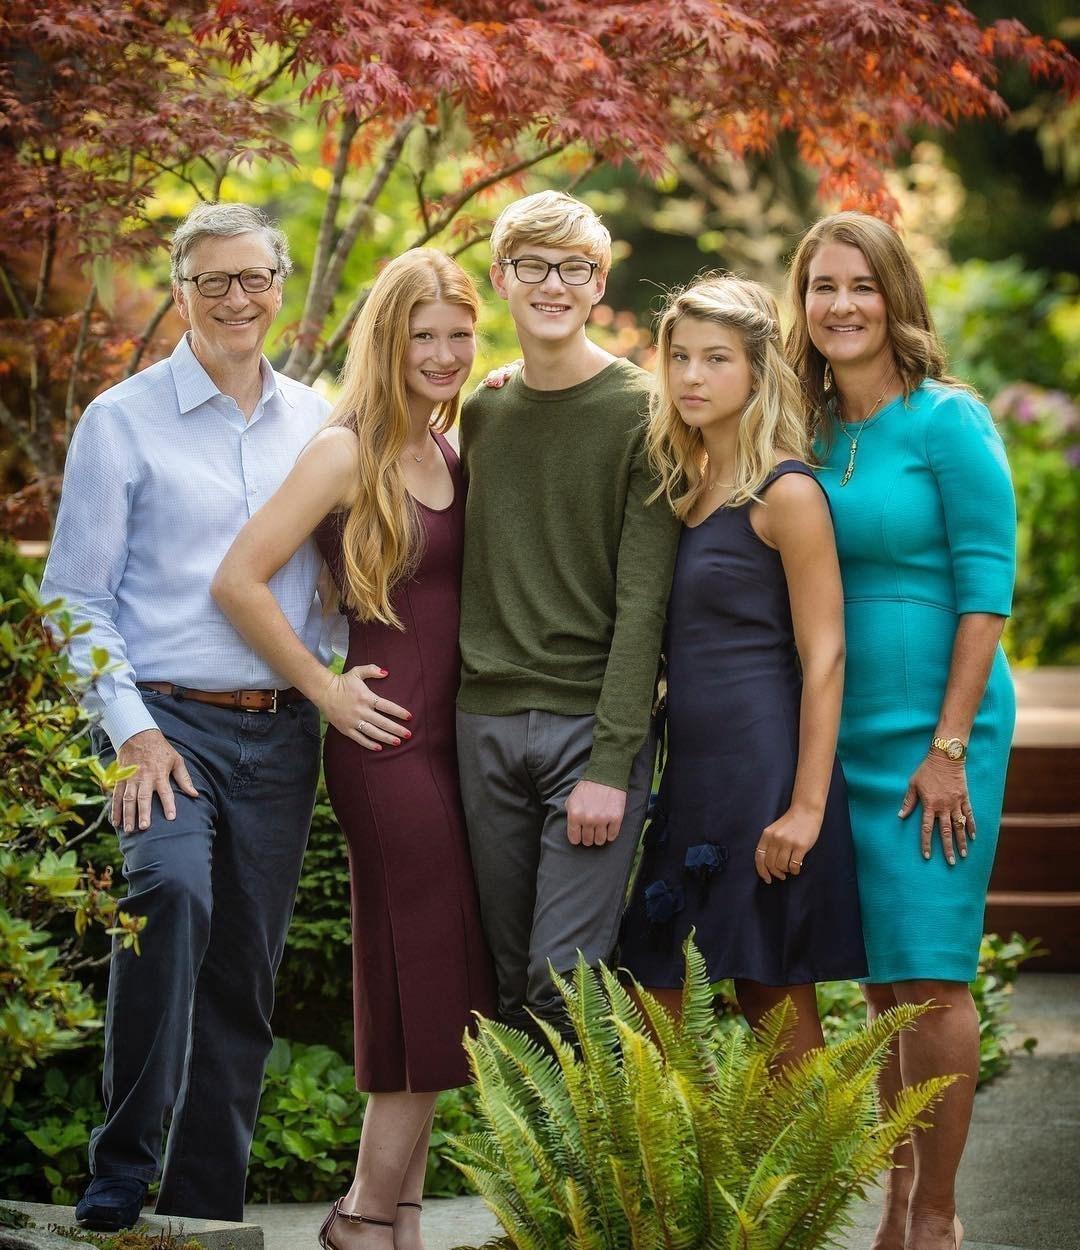 Vợ Bill Gates chia sẻ bí quyết giữ gìn hạnh phúc hôn nhân suốt 25 năm qua - Ảnh 2